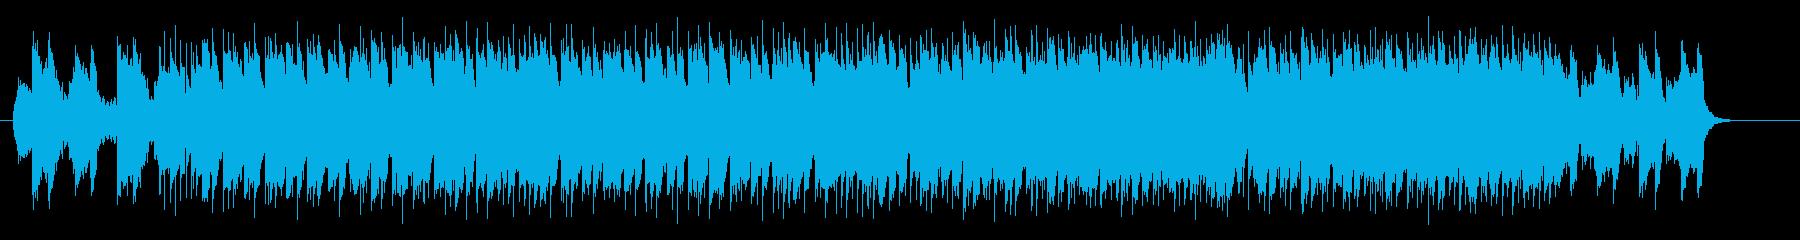 ファンキーでエキサイティングなロックの再生済みの波形